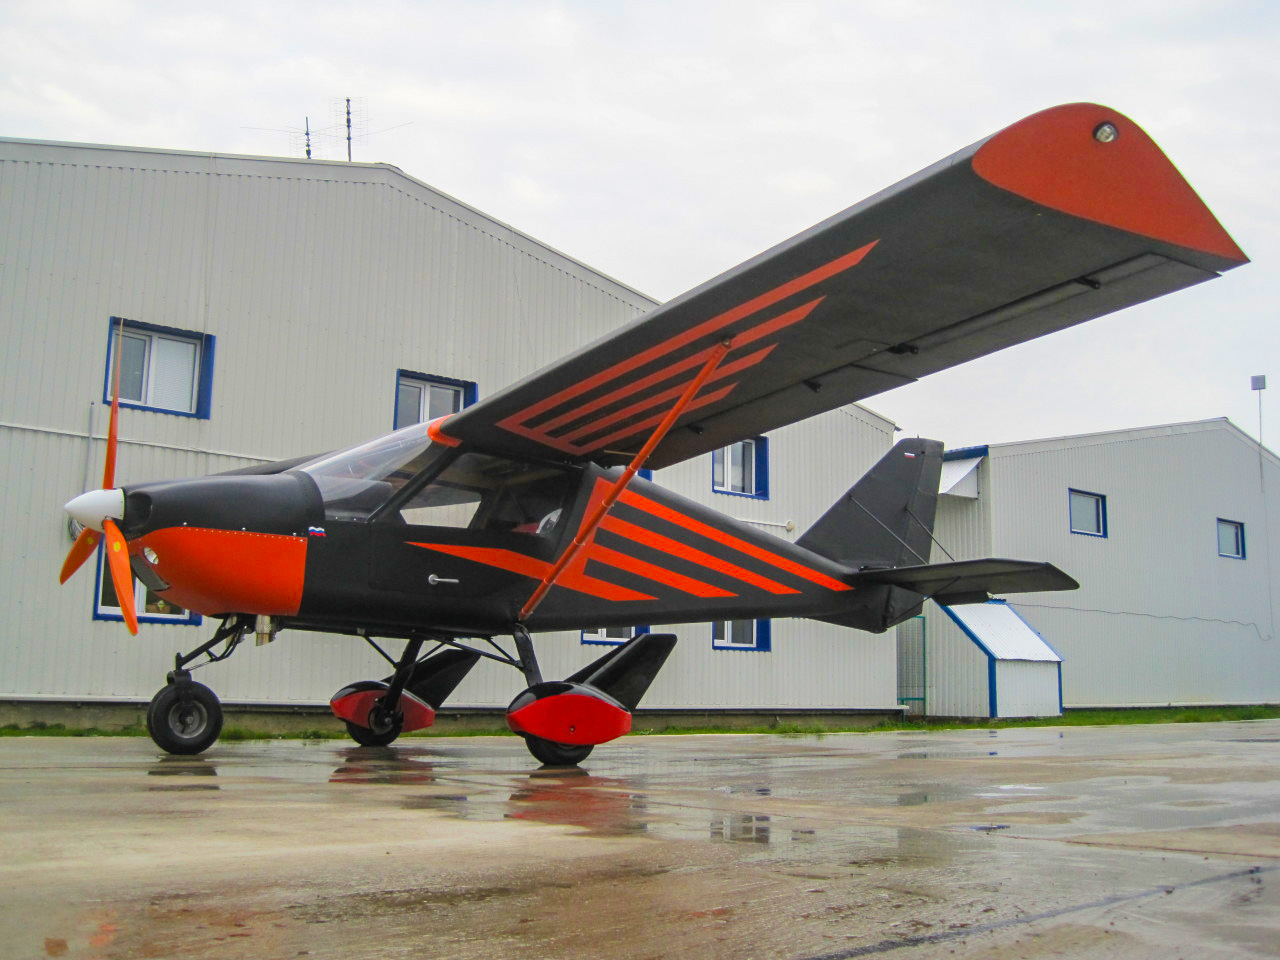 Самолет Д-46 на продажу. Всего 2 000 000 руб.!